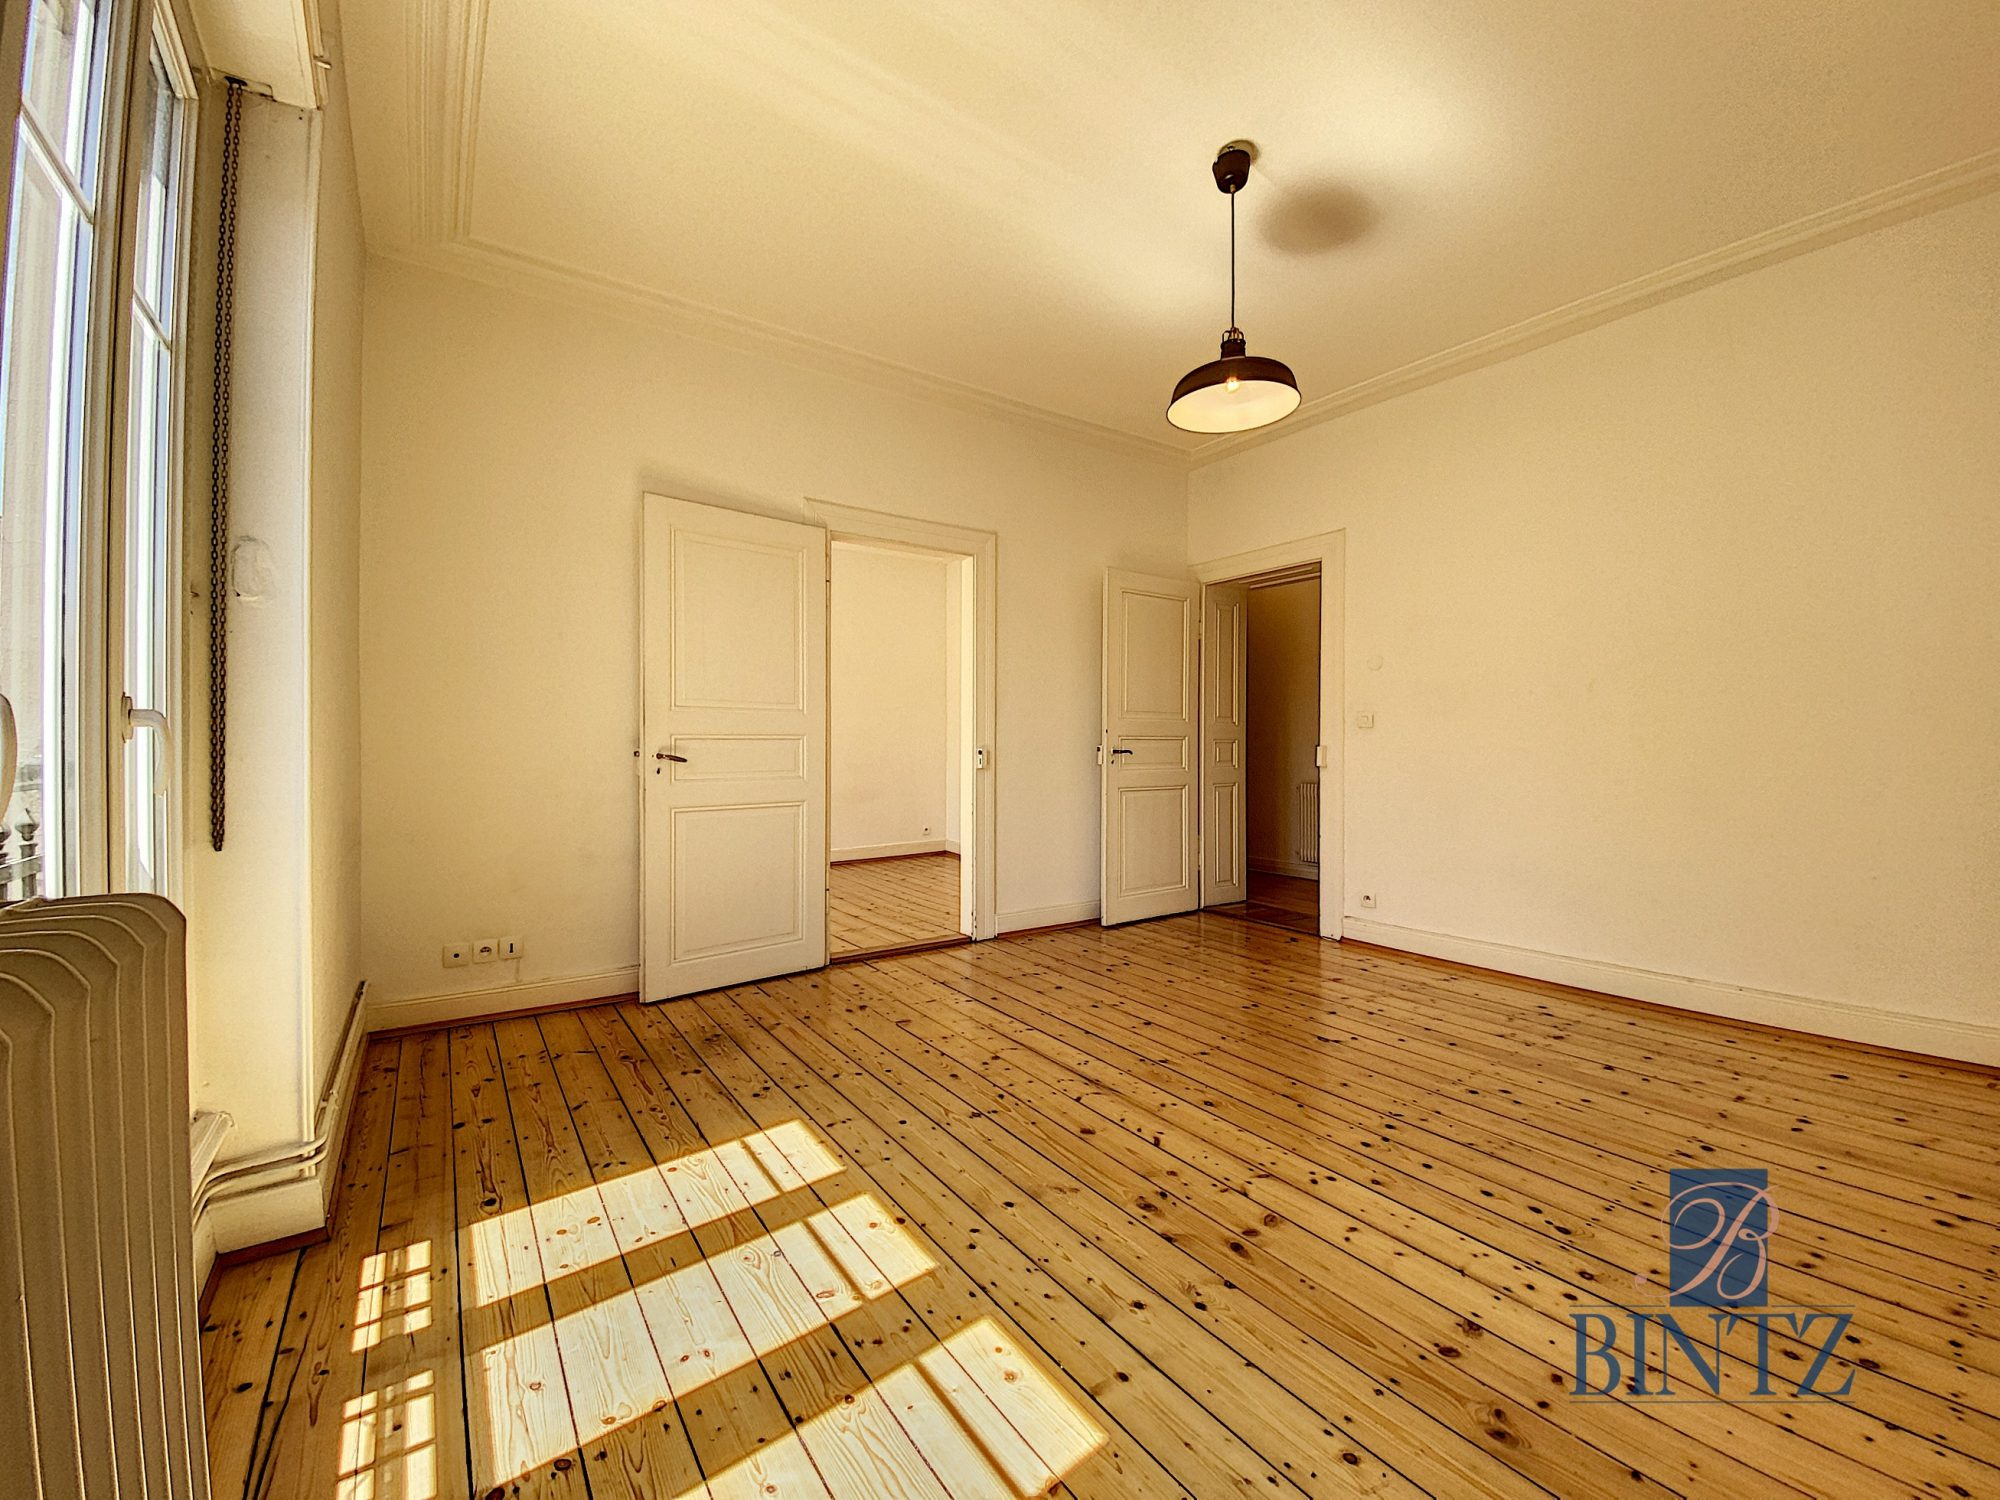 2 PIÈCES NEUDORF - Devenez locataire en toute sérénité - Bintz Immobilier - 18